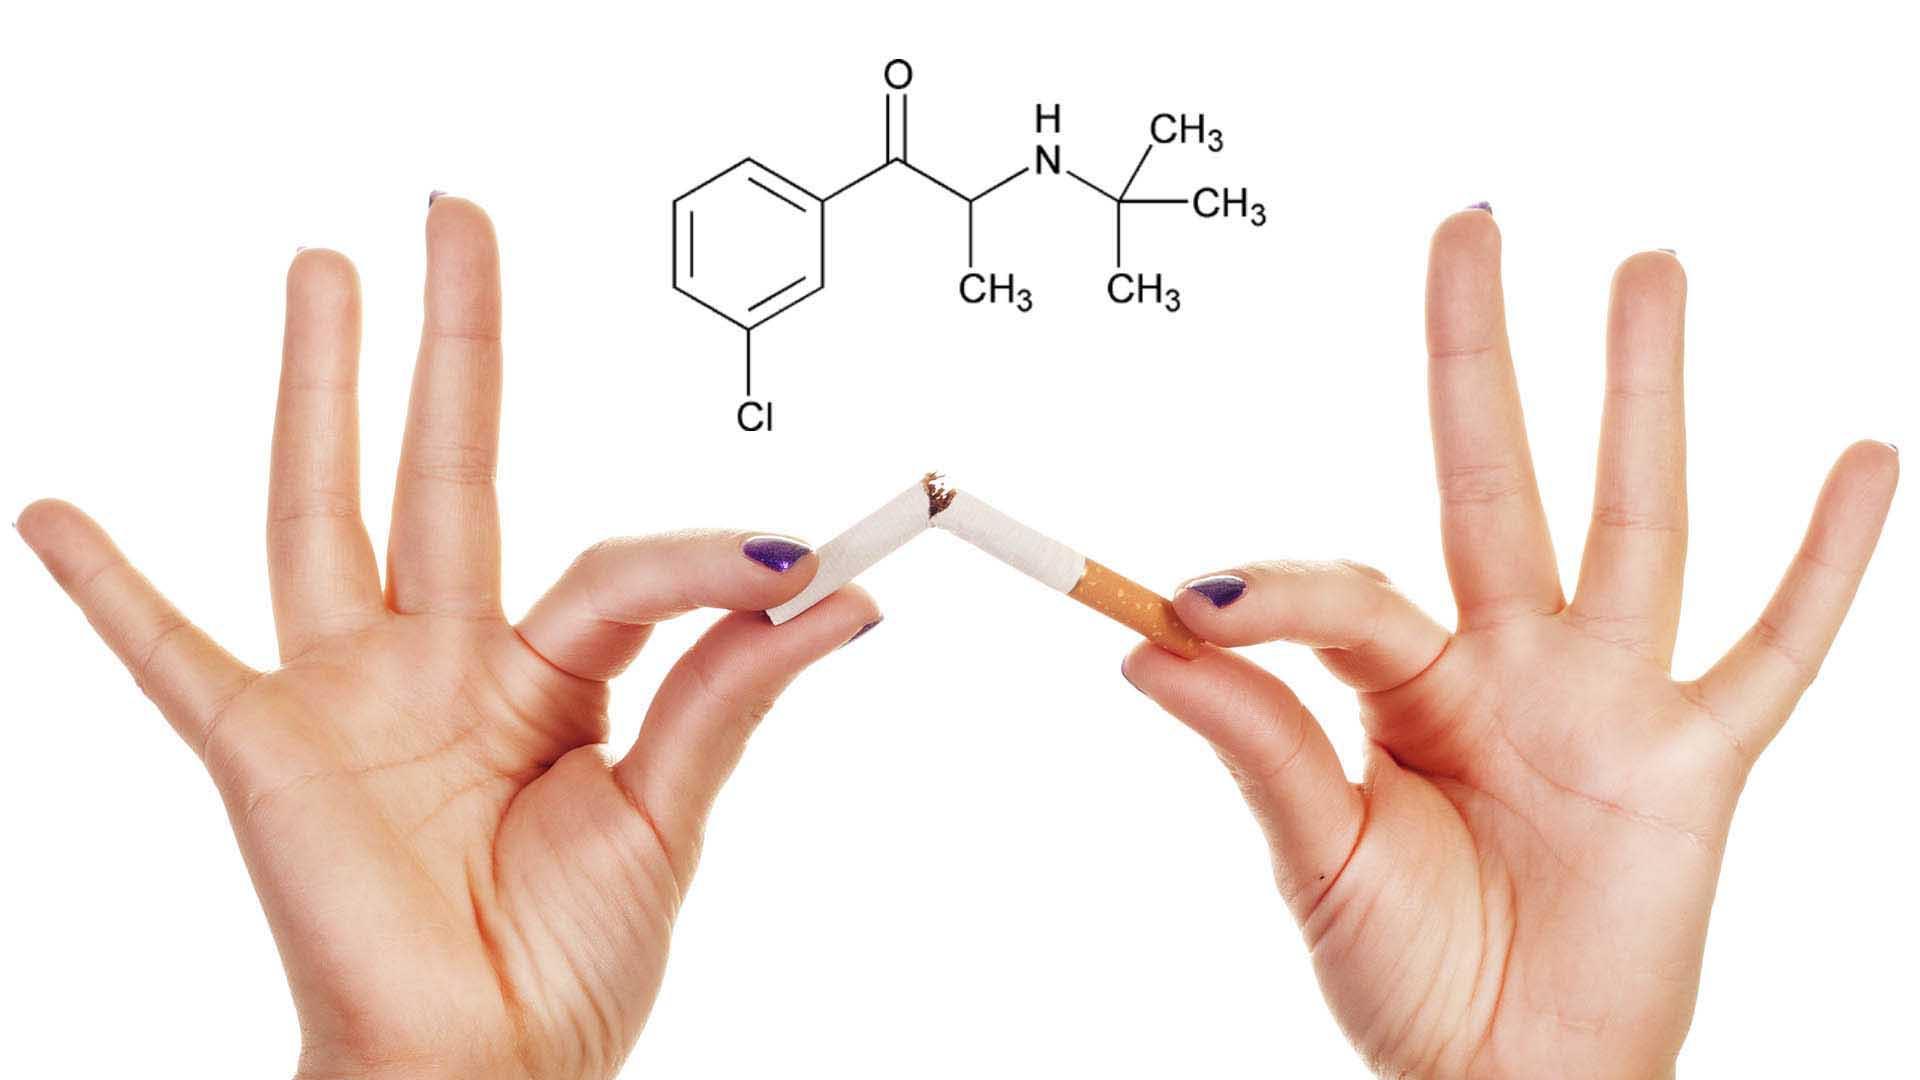 Vareniclina per Smettere di Fumare